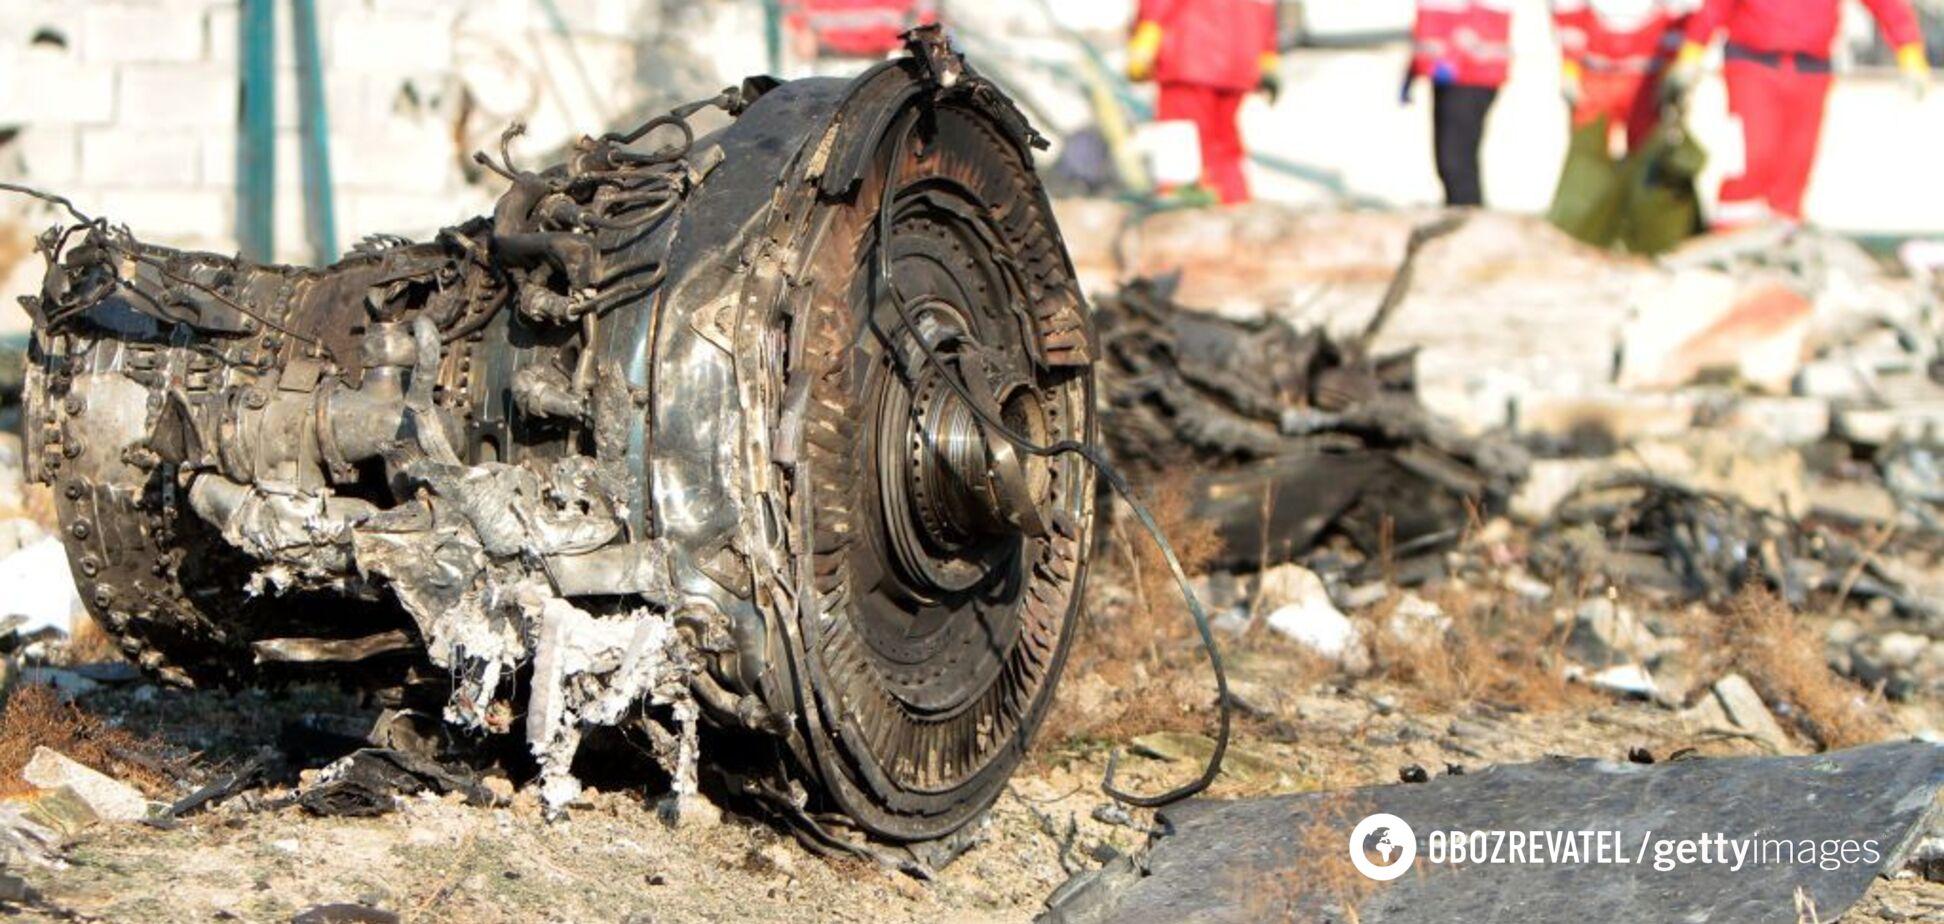 Появилось новое видео момента падения самолета МАУ: кадры с камеры наблюдения